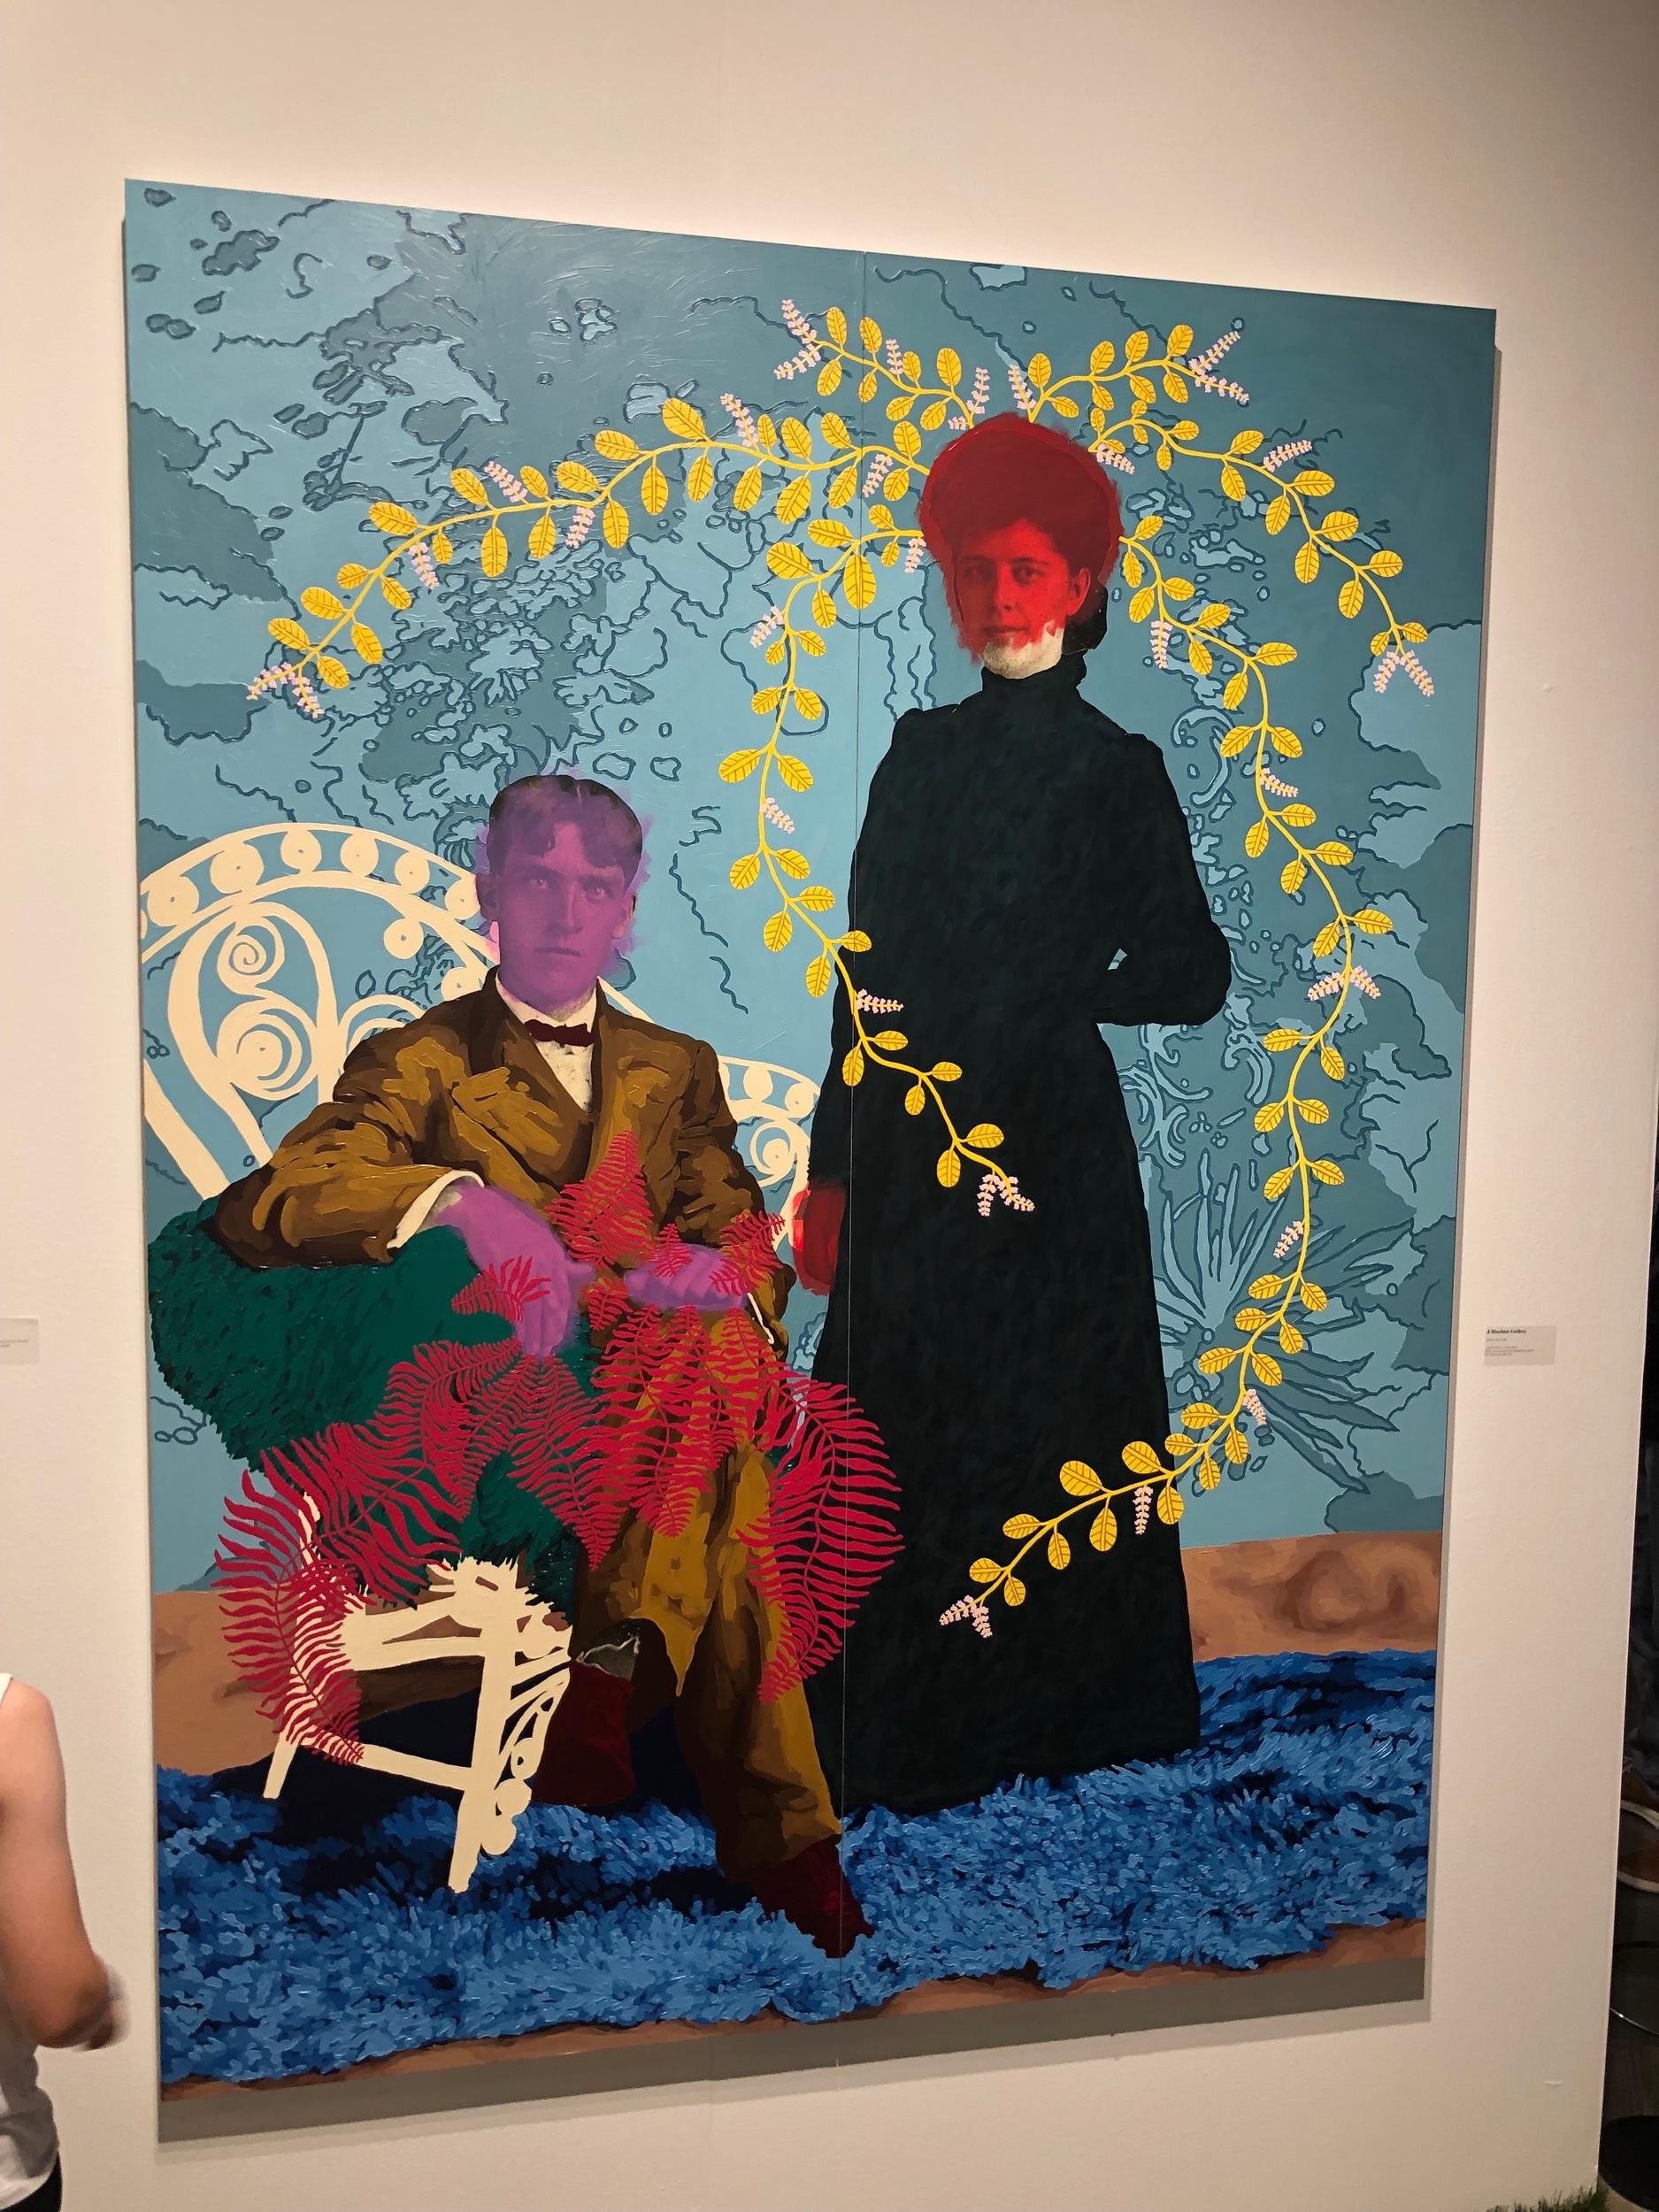 Daisy Patton (J. Rinehart Gallery)